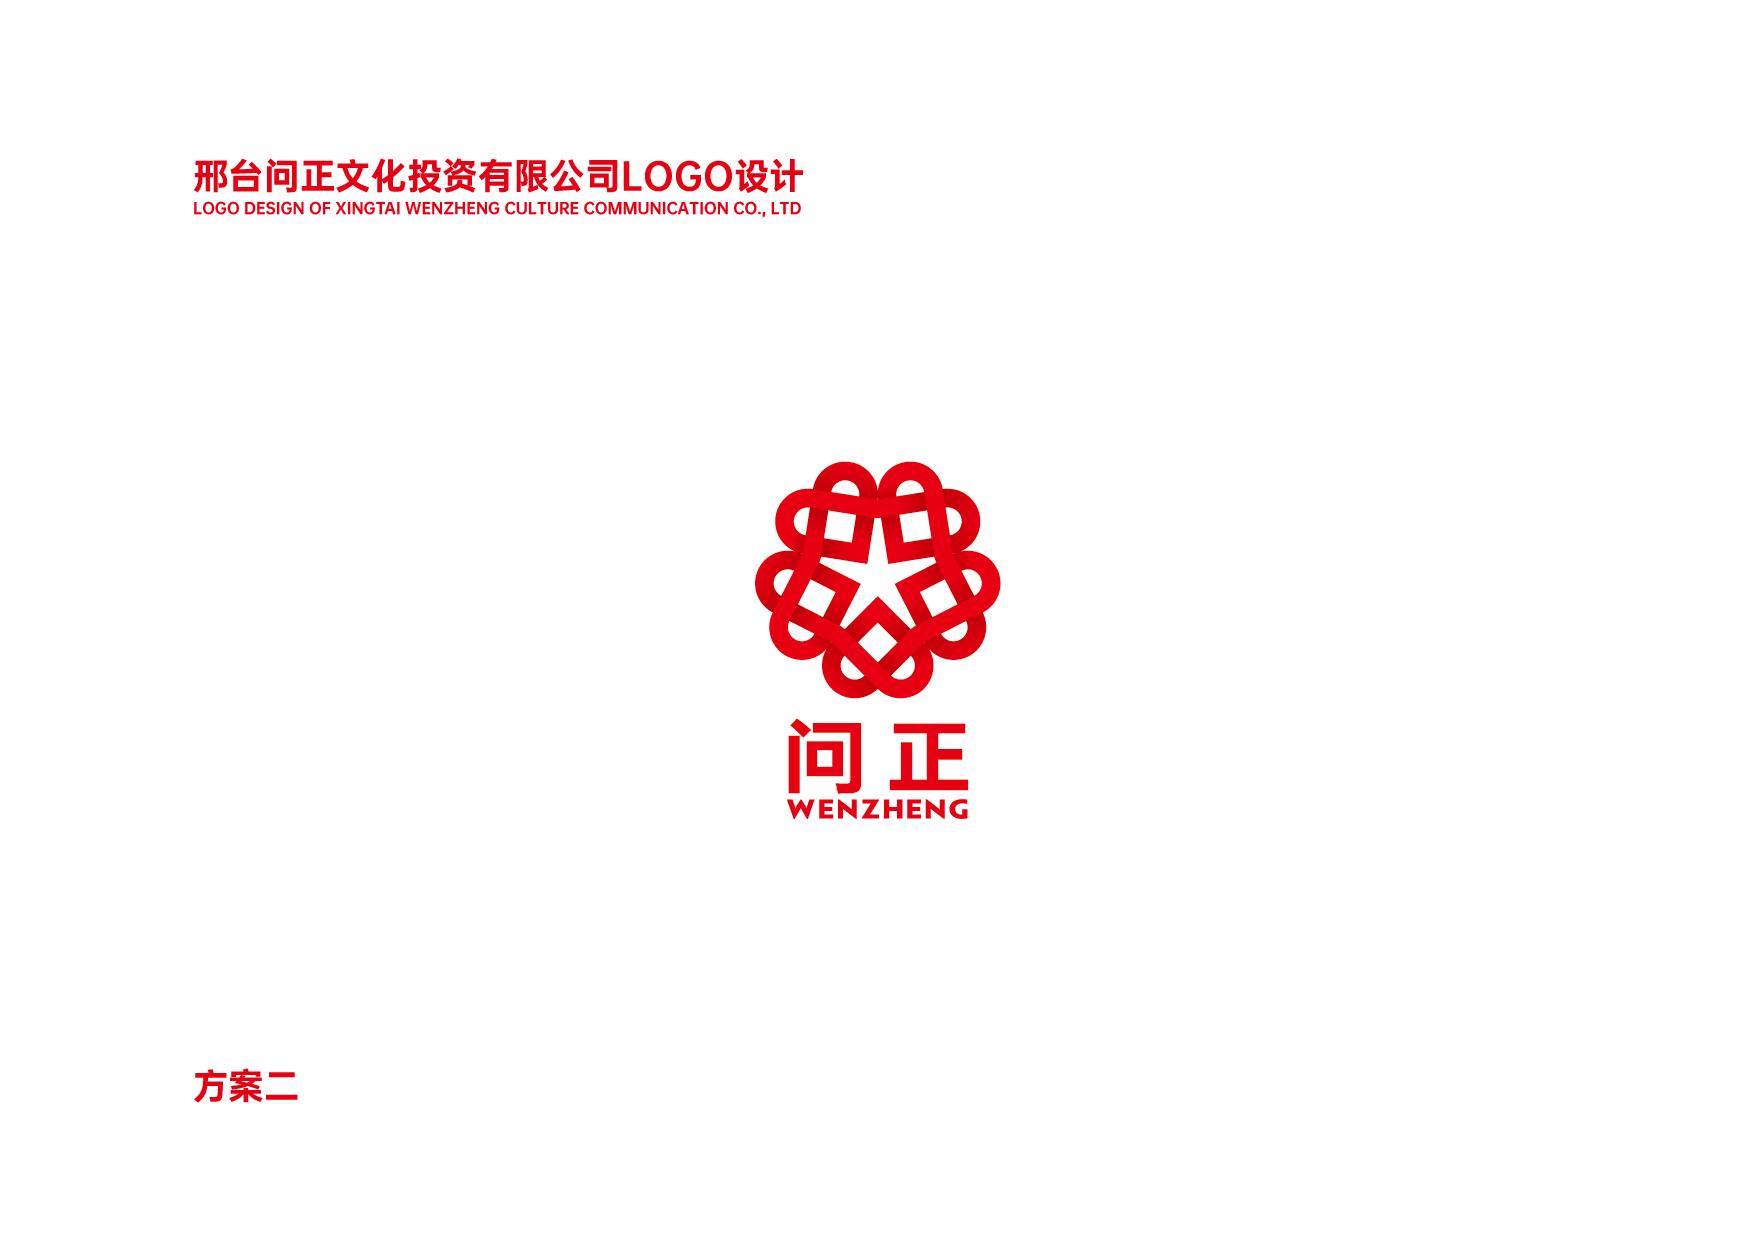 公司LOGO设计_3032354_k68威客网